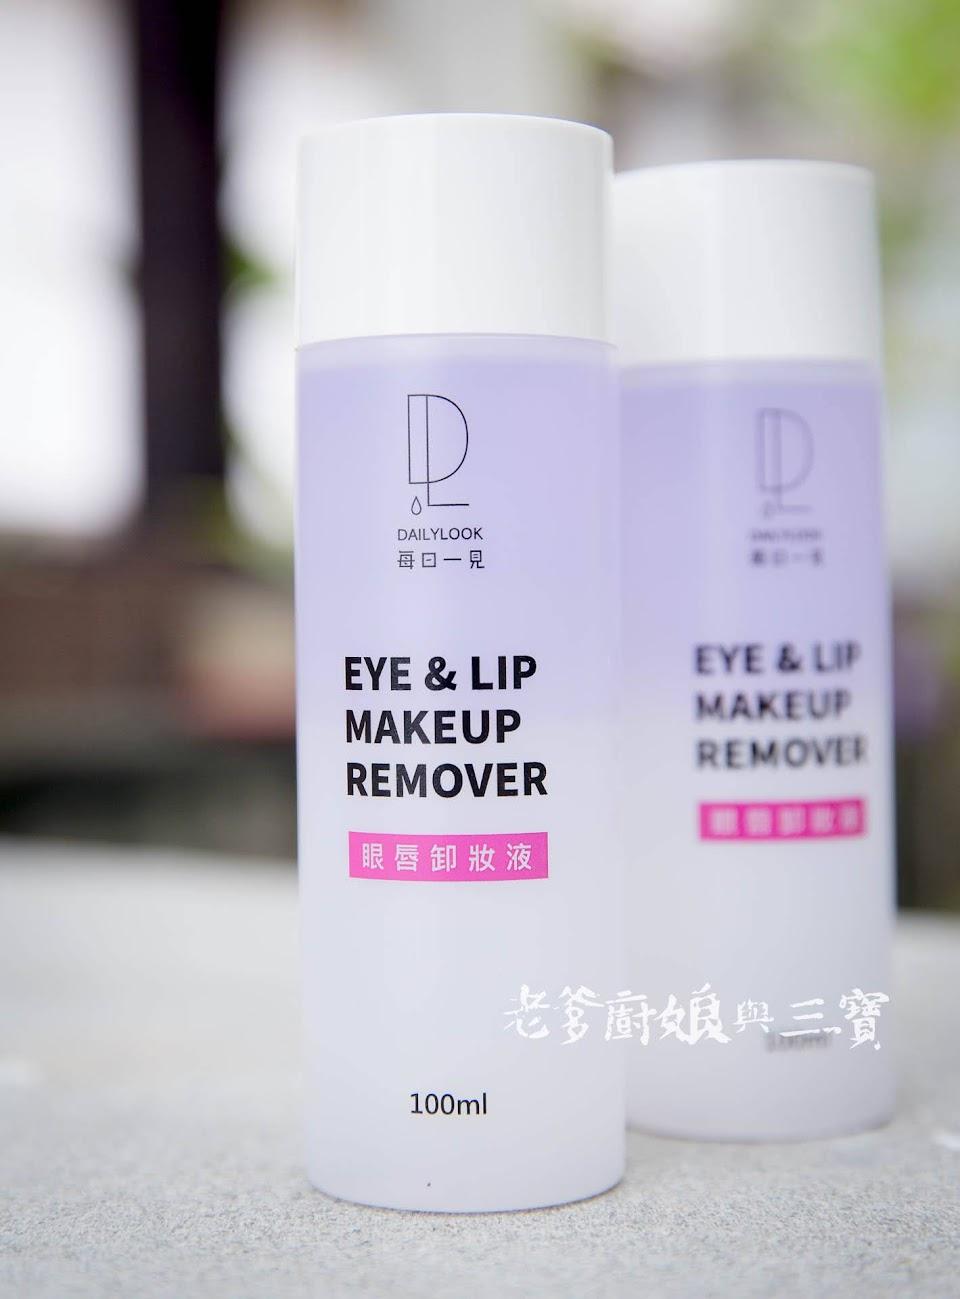 每日一見 Dailylook眼唇卸妝液天然溫和pH7.5清爽不刺激